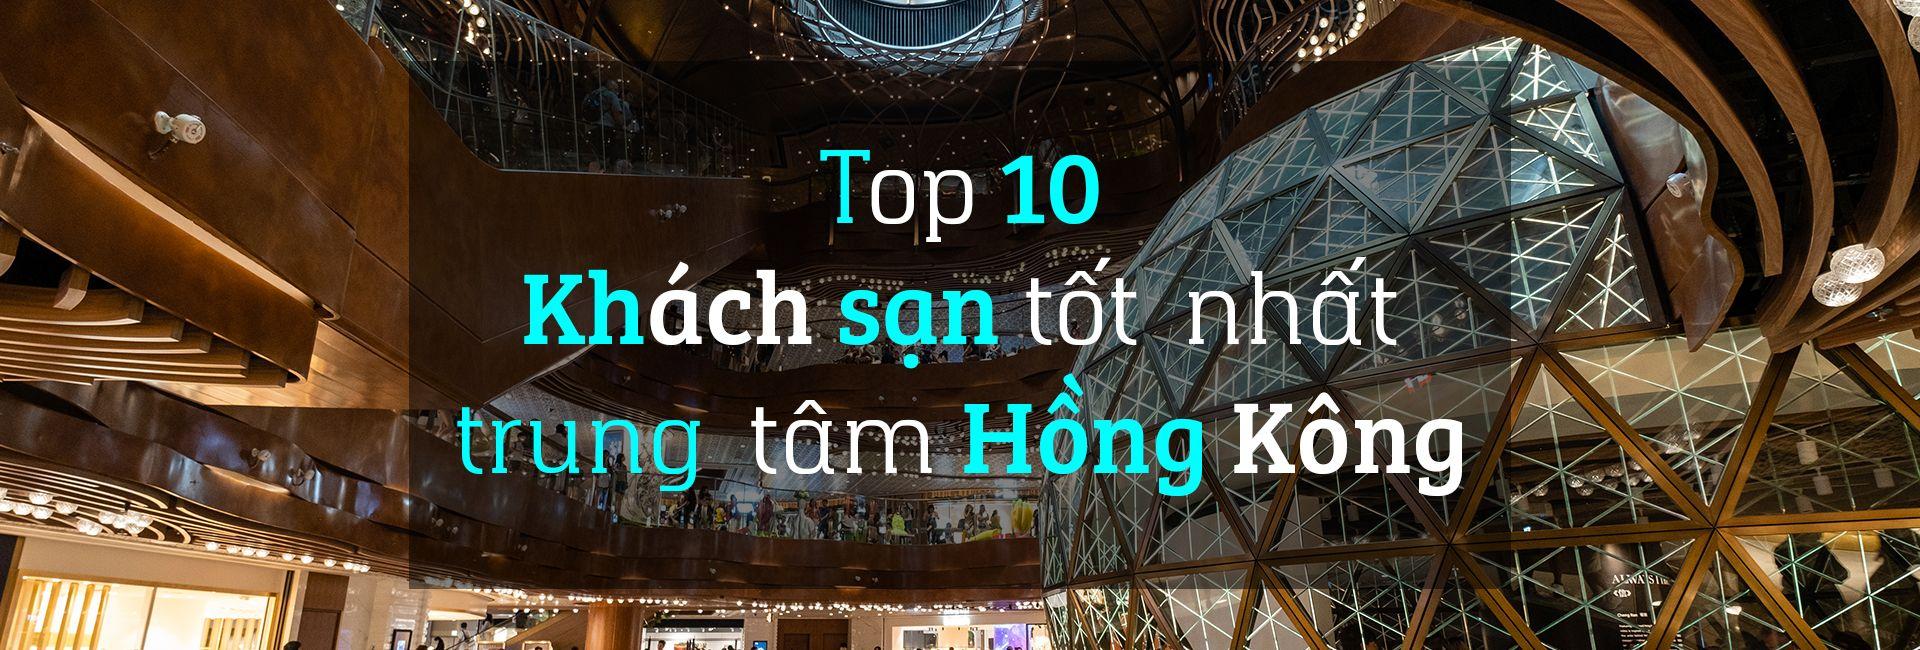 Top 10 khách sạn tốt nhất ở trung tâm Hồng Kông